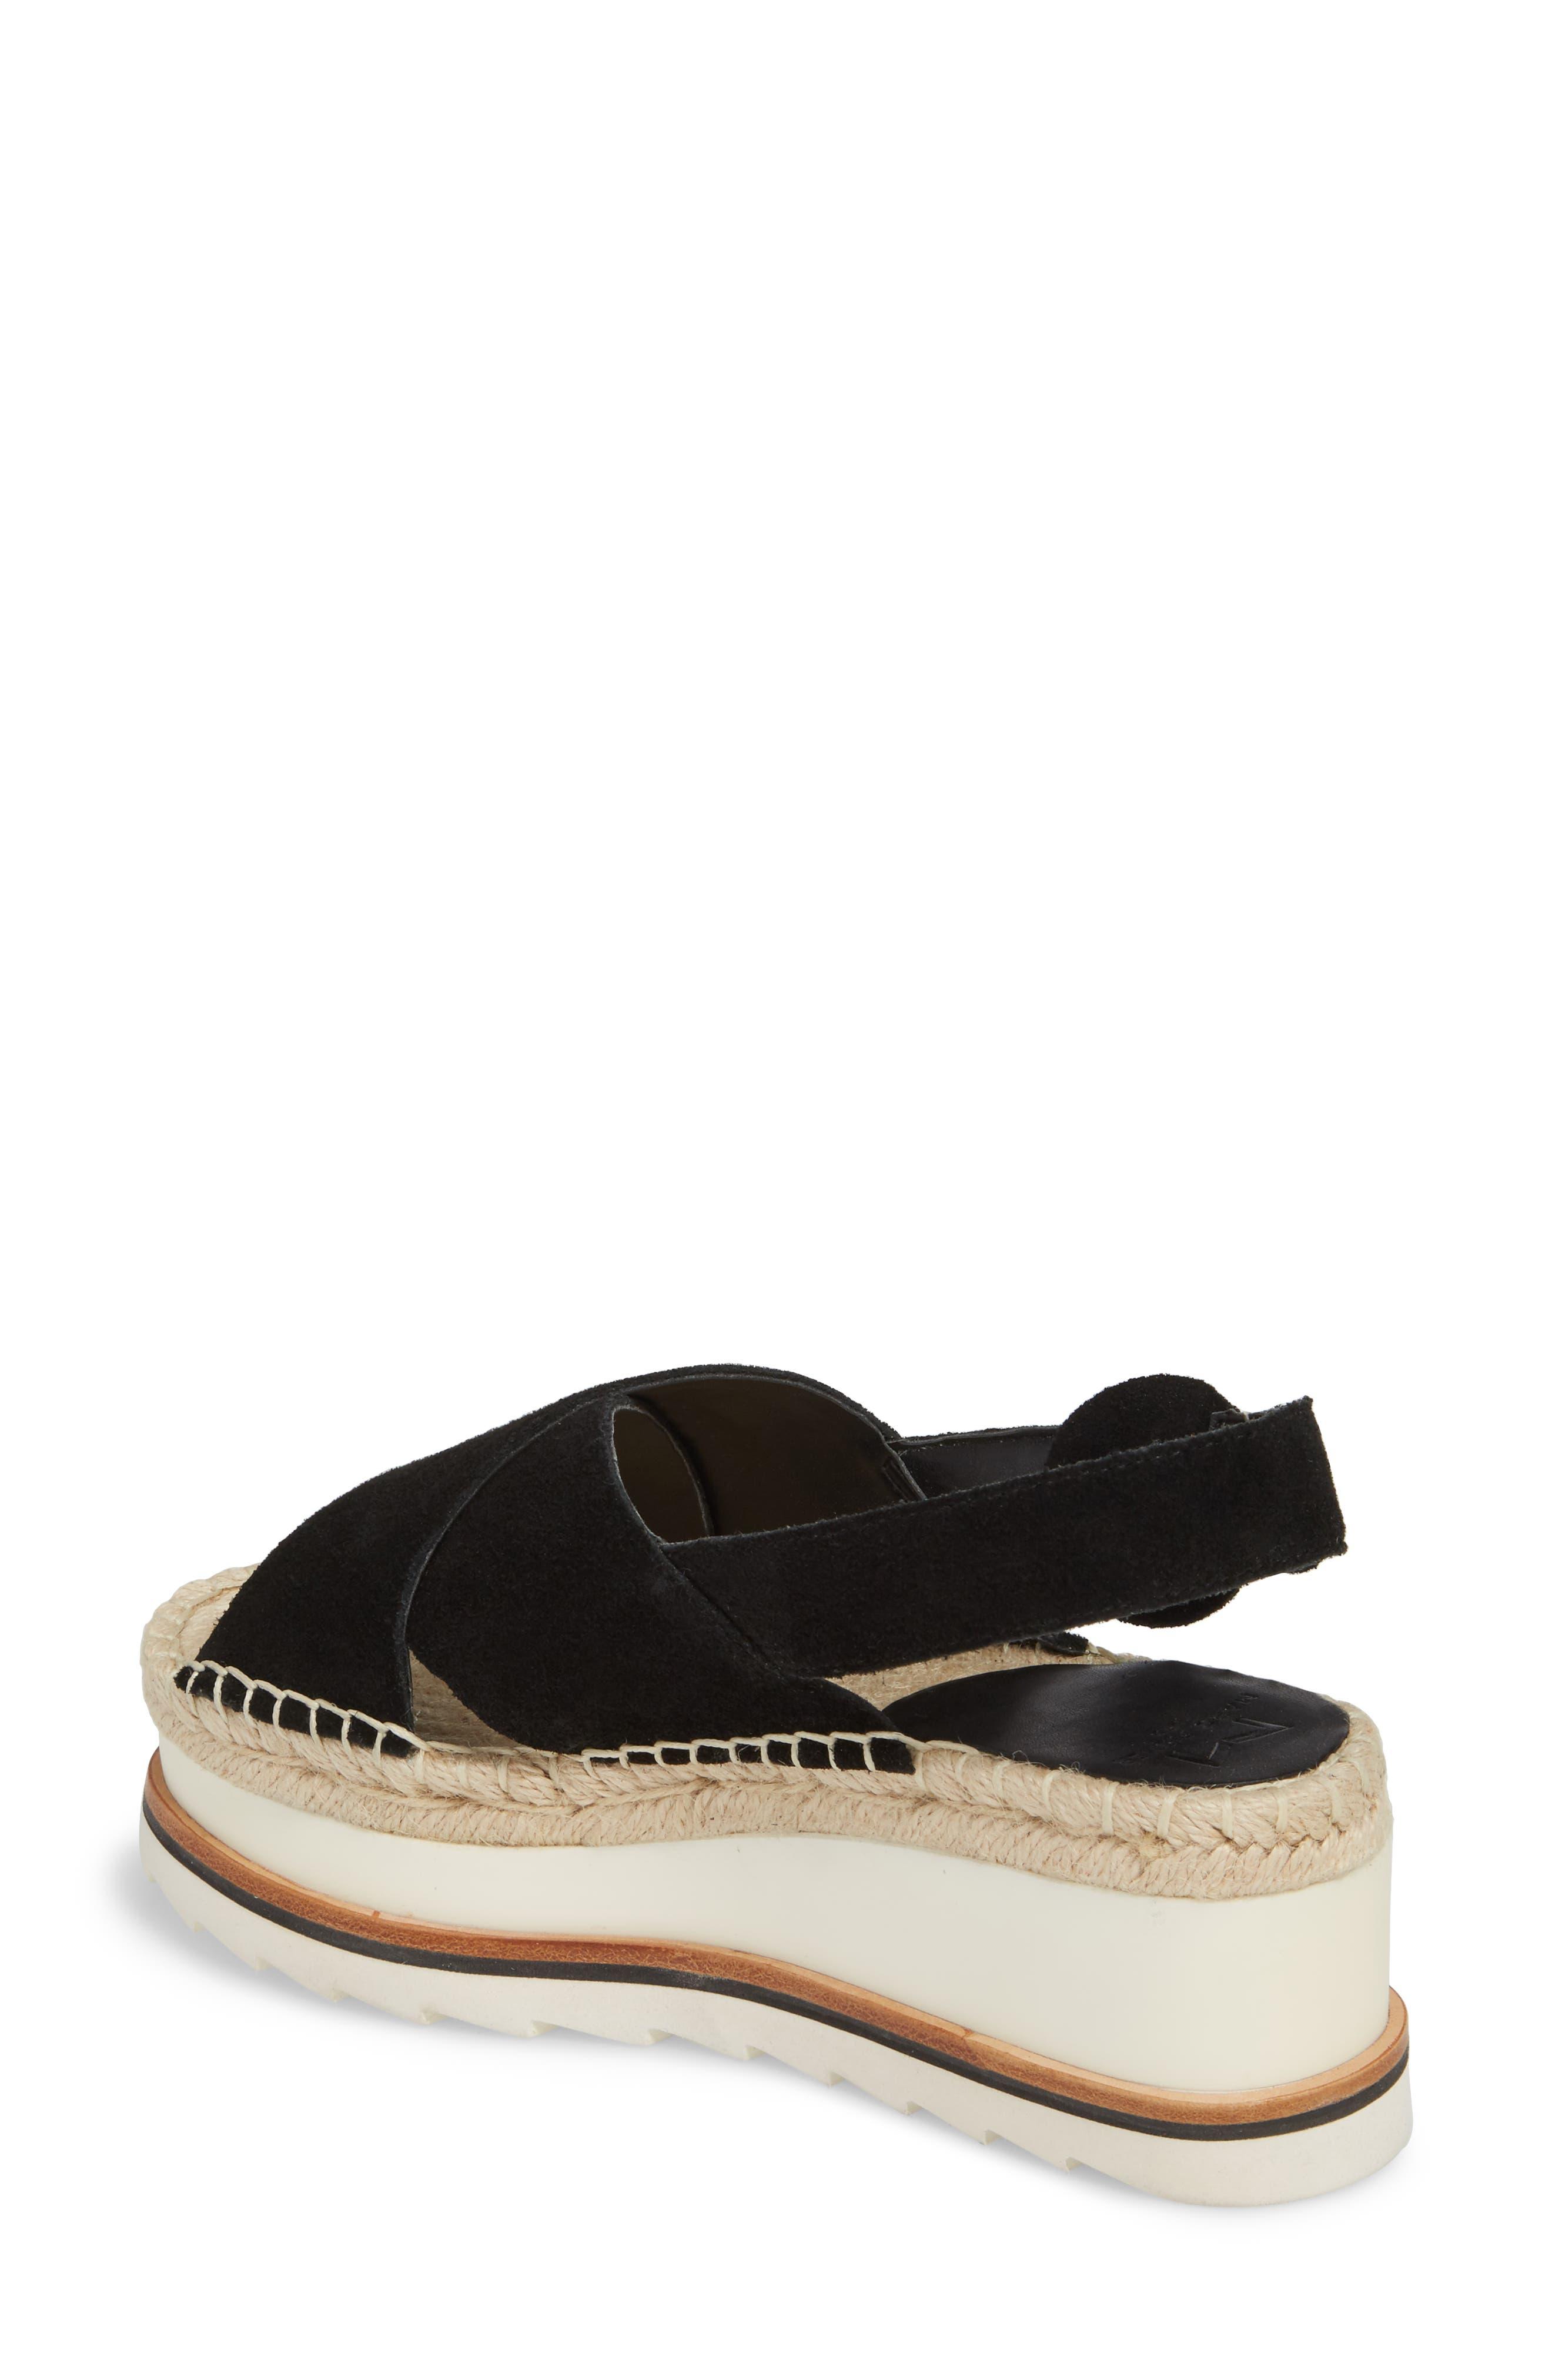 Glenna Platform Slingback Sandal,                             Alternate thumbnail 2, color,                             BLACK SUEDE